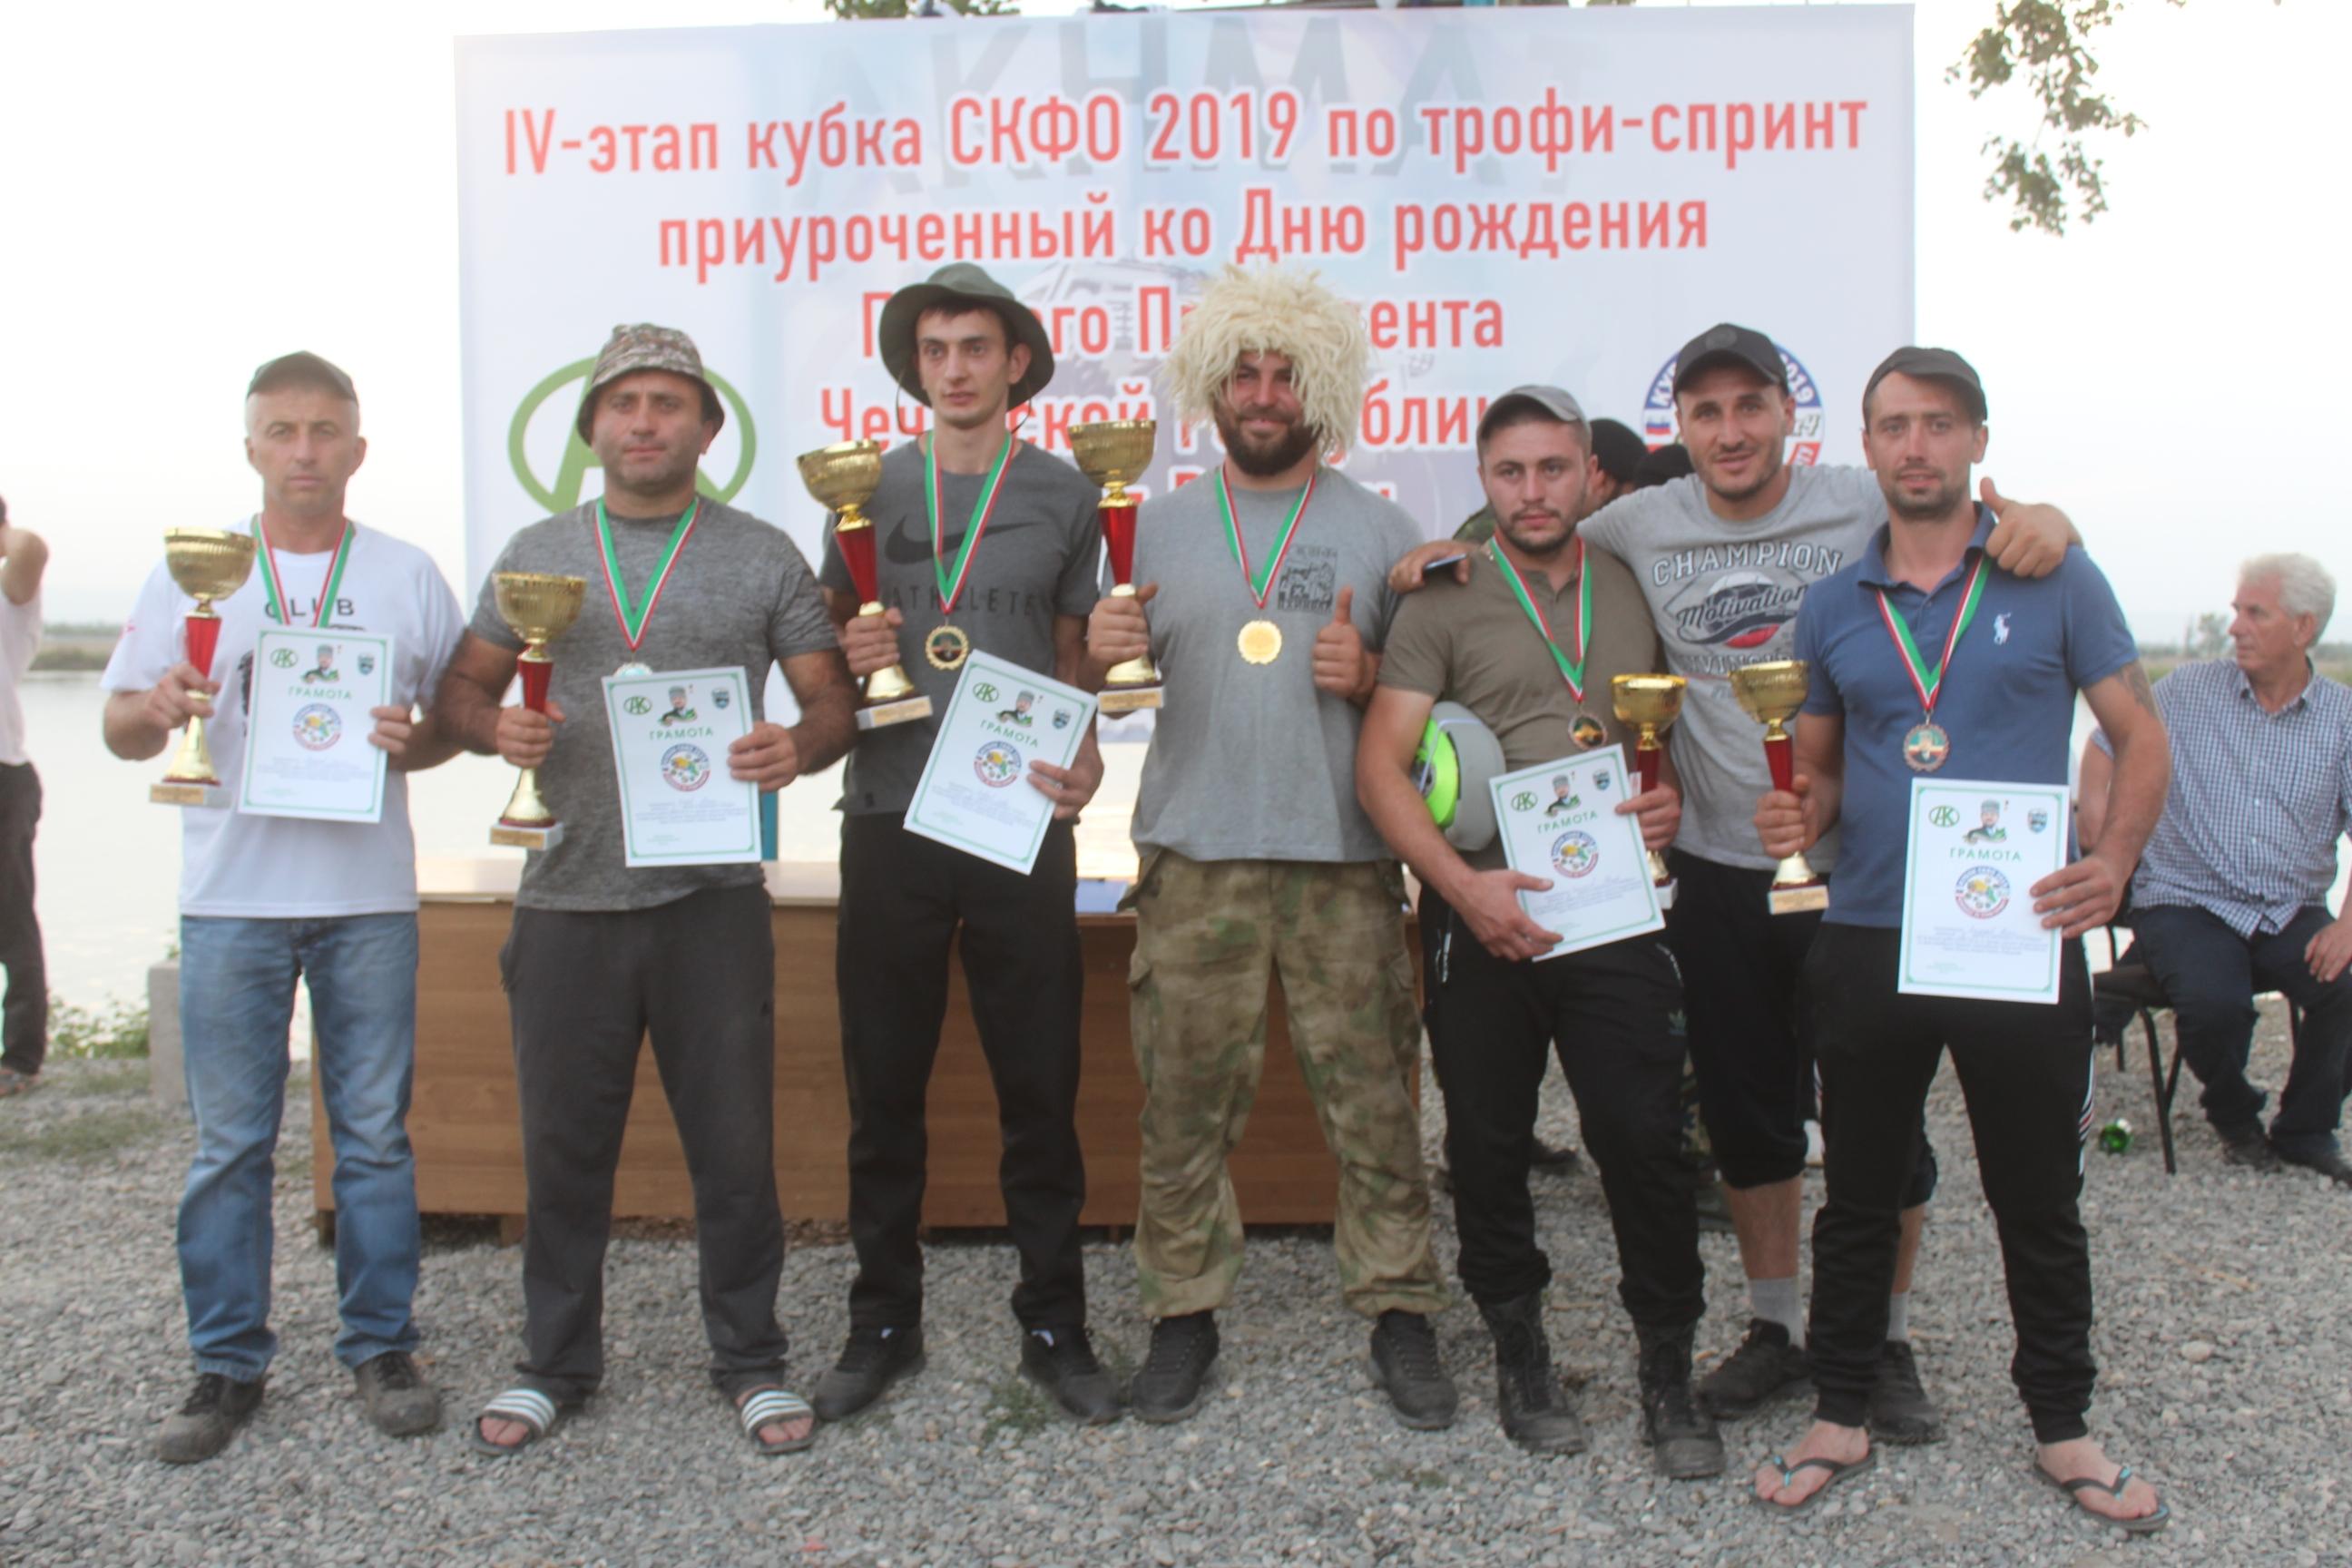 В станице Ассиновской Чеченской Республики прошел 4-й этап Кубка СКФО по трофи-спринту